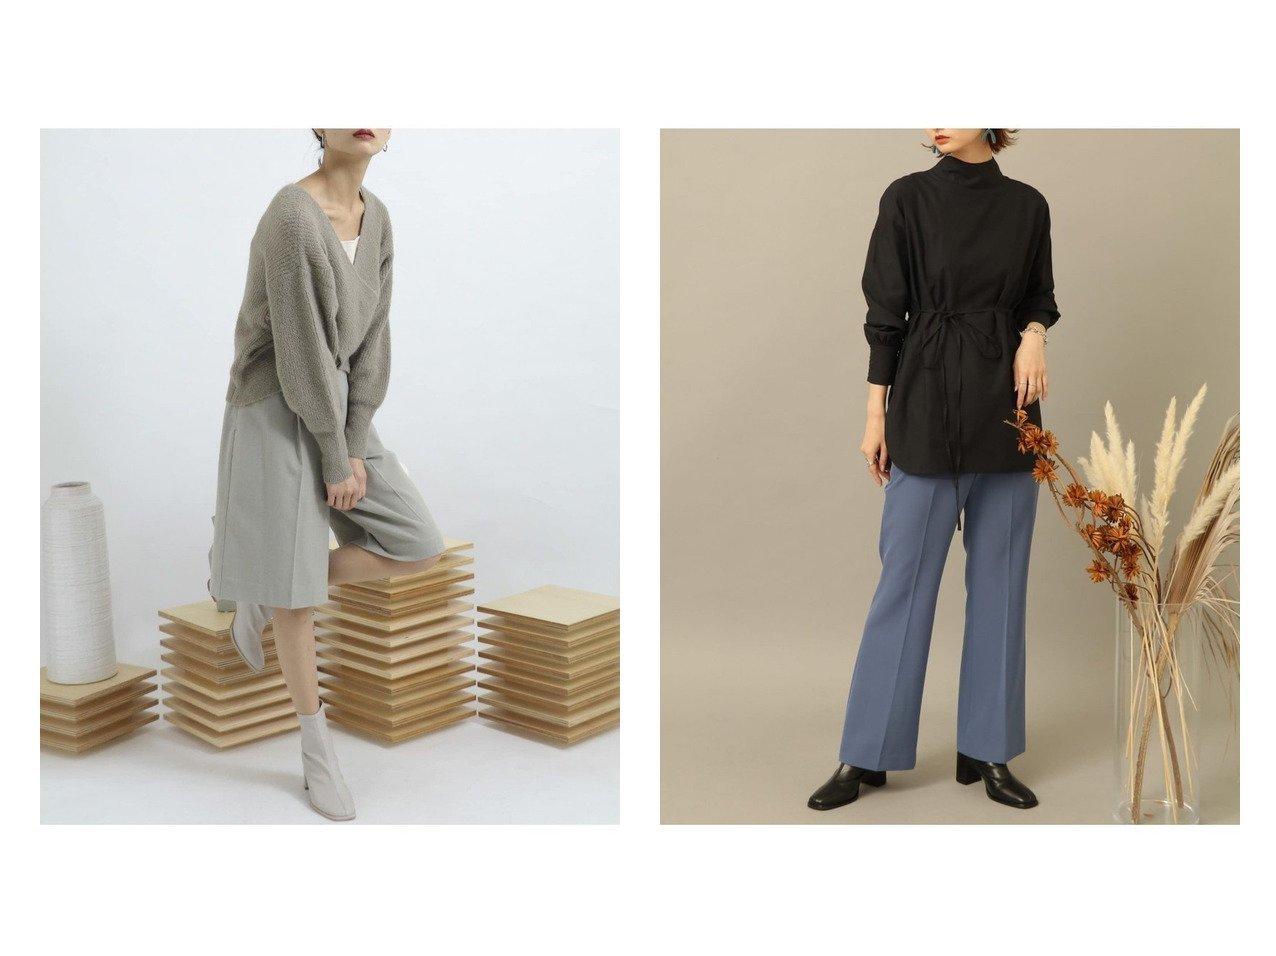 【SENSE OF PLACE / URBAN RESEARCH/センス オブ プレイス】のセンタープレスキックフレアパンツ&サキソニータックキュロットパンツ パンツのおすすめ!人気、トレンド・レディースファッションの通販 おすすめで人気の流行・トレンド、ファッションの通販商品 メンズファッション・キッズファッション・インテリア・家具・レディースファッション・服の通販 founy(ファニー) https://founy.com/ ファッション Fashion レディースファッション WOMEN パンツ Pants スカート Skirt NEW・新作・新着・新入荷 New Arrivals ジーンズ スタンダード ストレッチ チュニック フレア キュロット ジャケット セットアップ センター ポケット ロング 人気 |ID:crp329100000009504